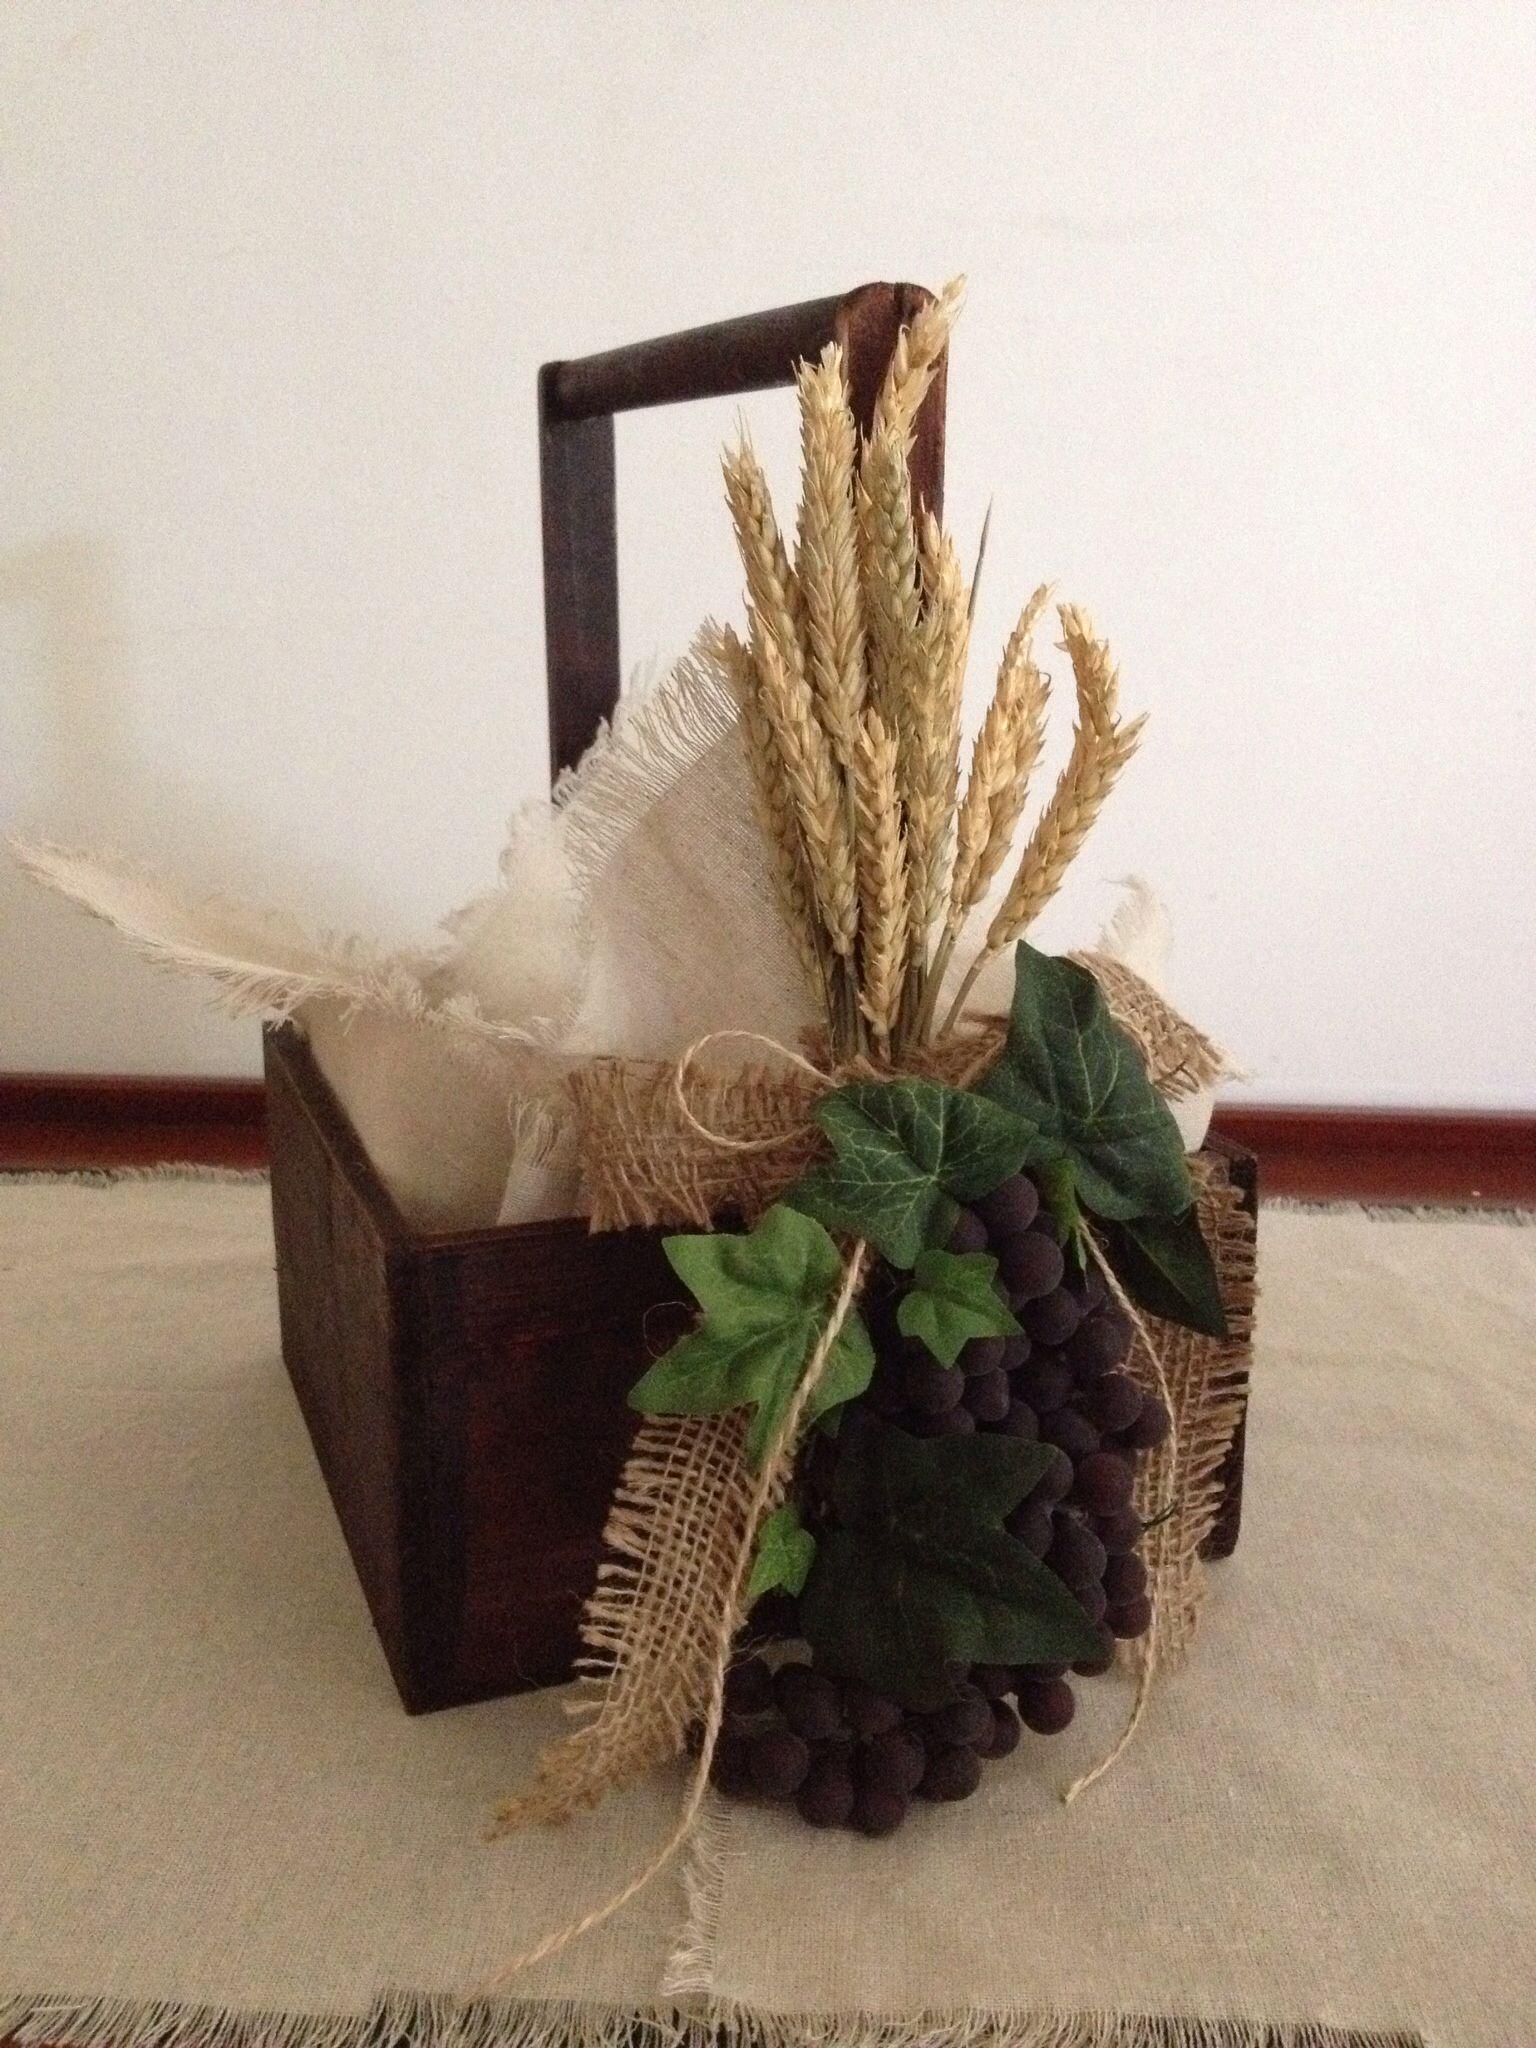 Break basket for boy for first communion canasta para pan para primera comunion de ni o - Centros de mesa para primera comunion originales ...